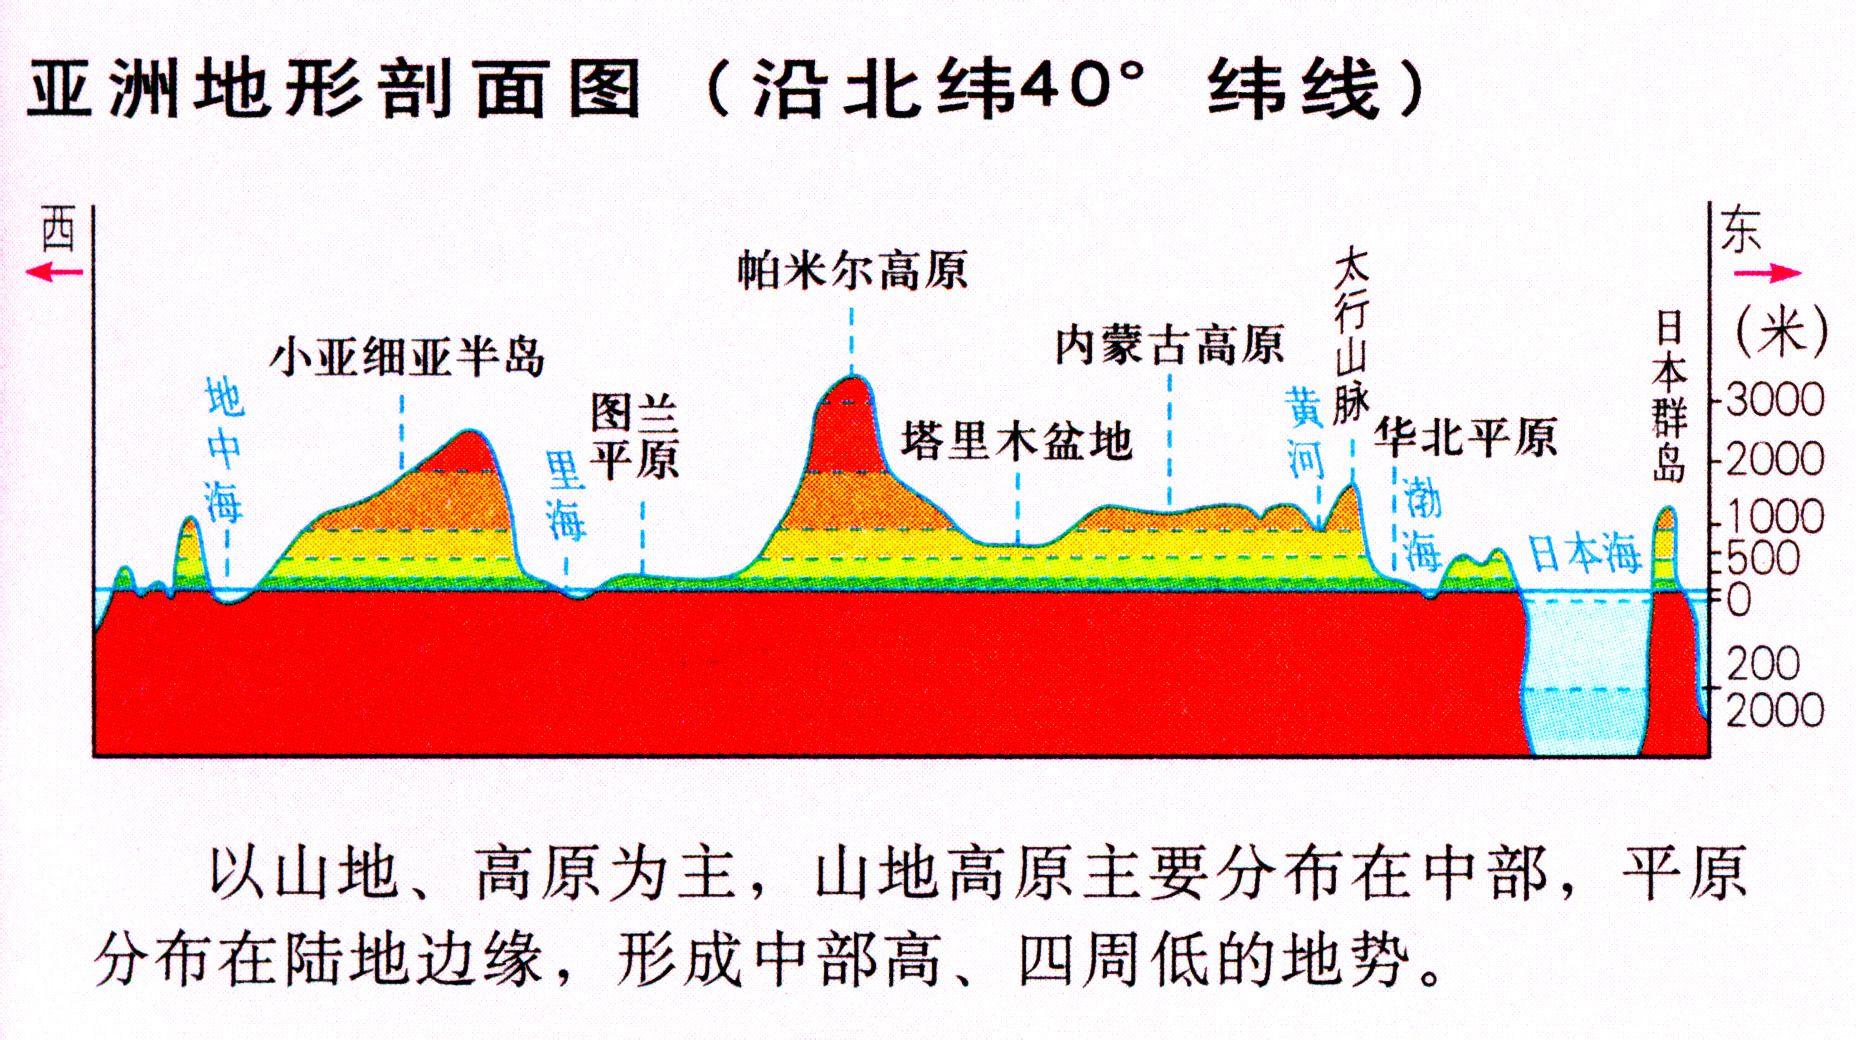 读亚洲大陆沿30°n地形剖面图,回答1—3题: 1.